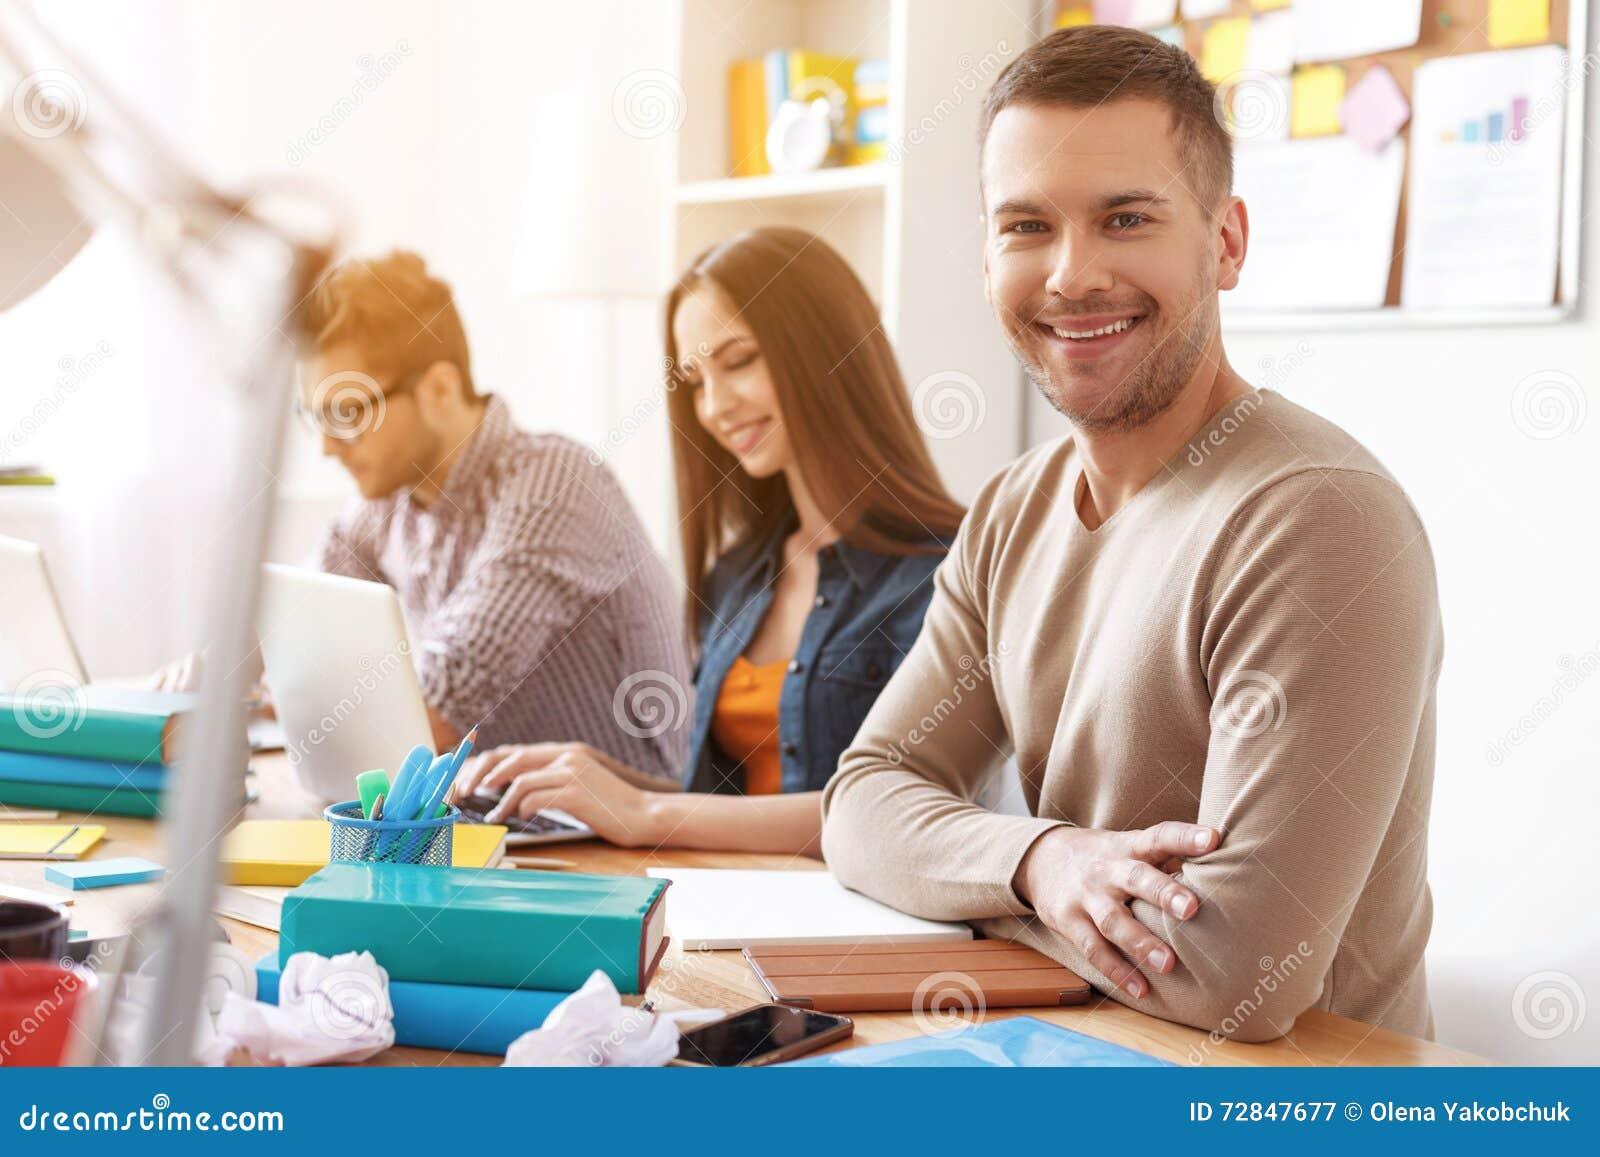 Étudiants universitaires travaillant ensemble